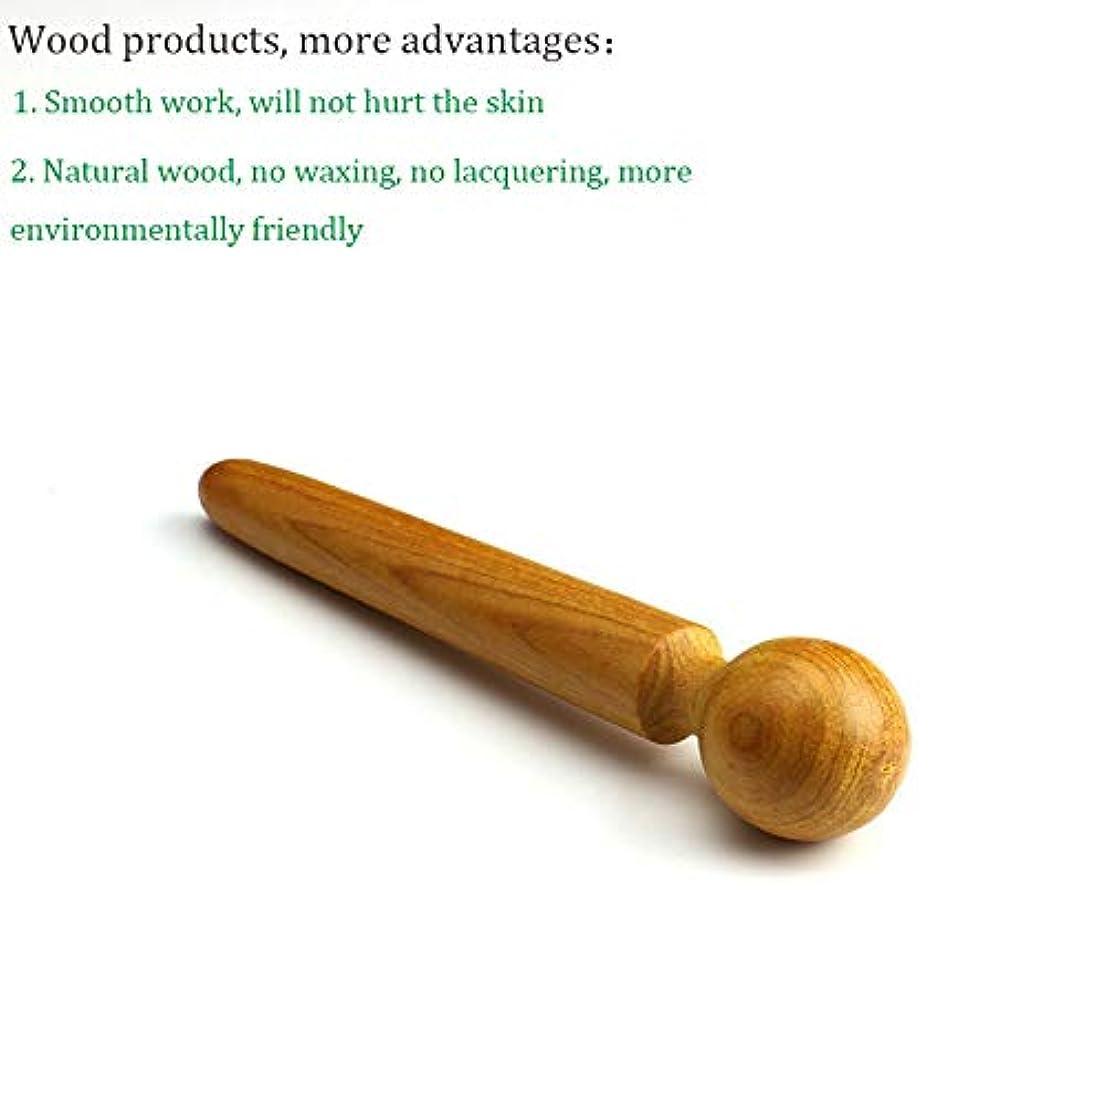 構想するエジプト人エレメンタルDC 木製マッサージャー 木製フットポイントスティック 鍼治療ポイントロッドSPAボディフットマッサージツール 疲労緩和